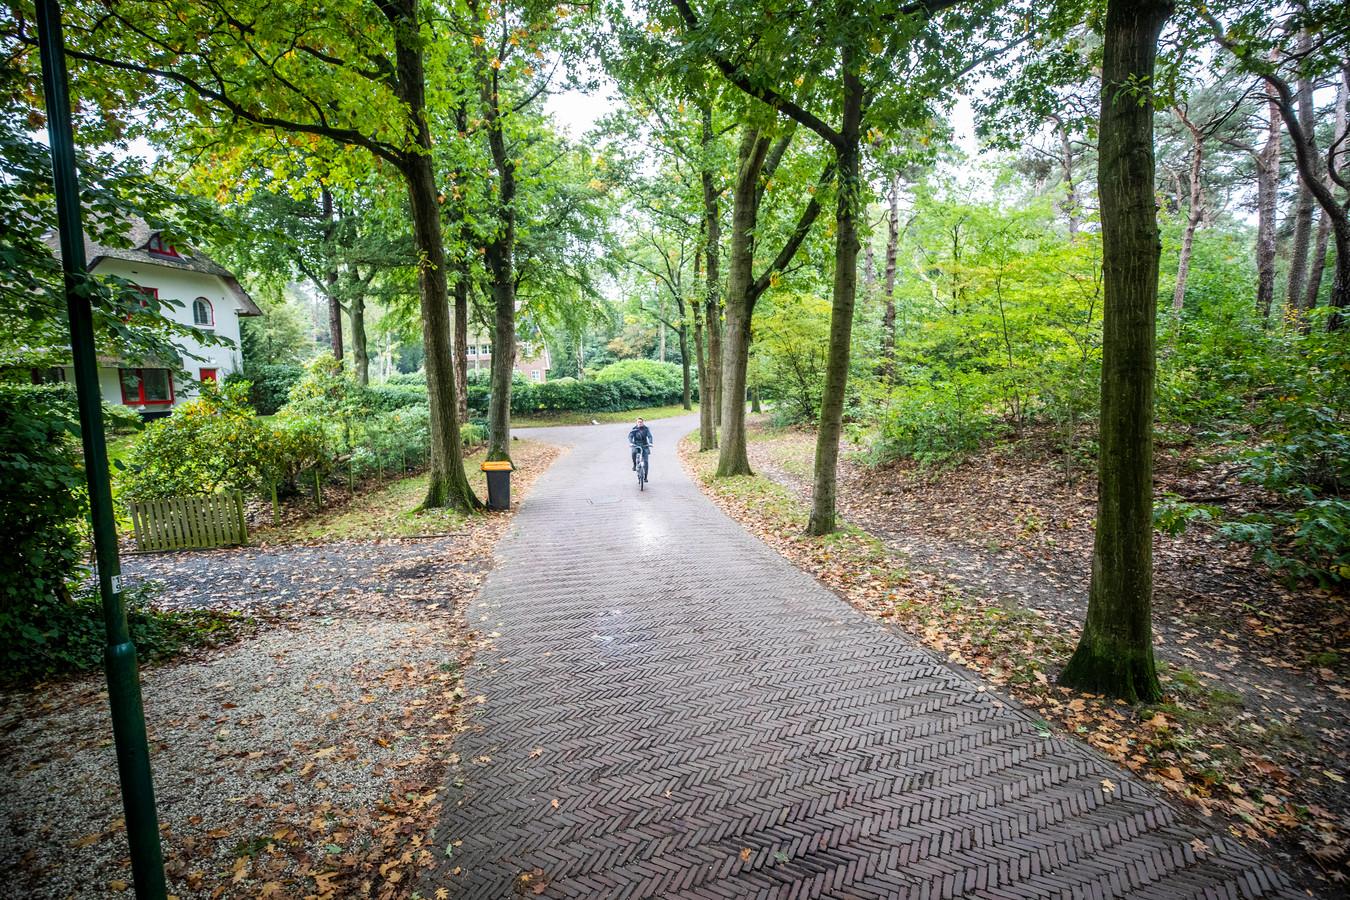 Gemeente De Bilt heeft een stuk bos aan de Bachlaan aangewezen als mogelijke bouwlocatie van huizen.